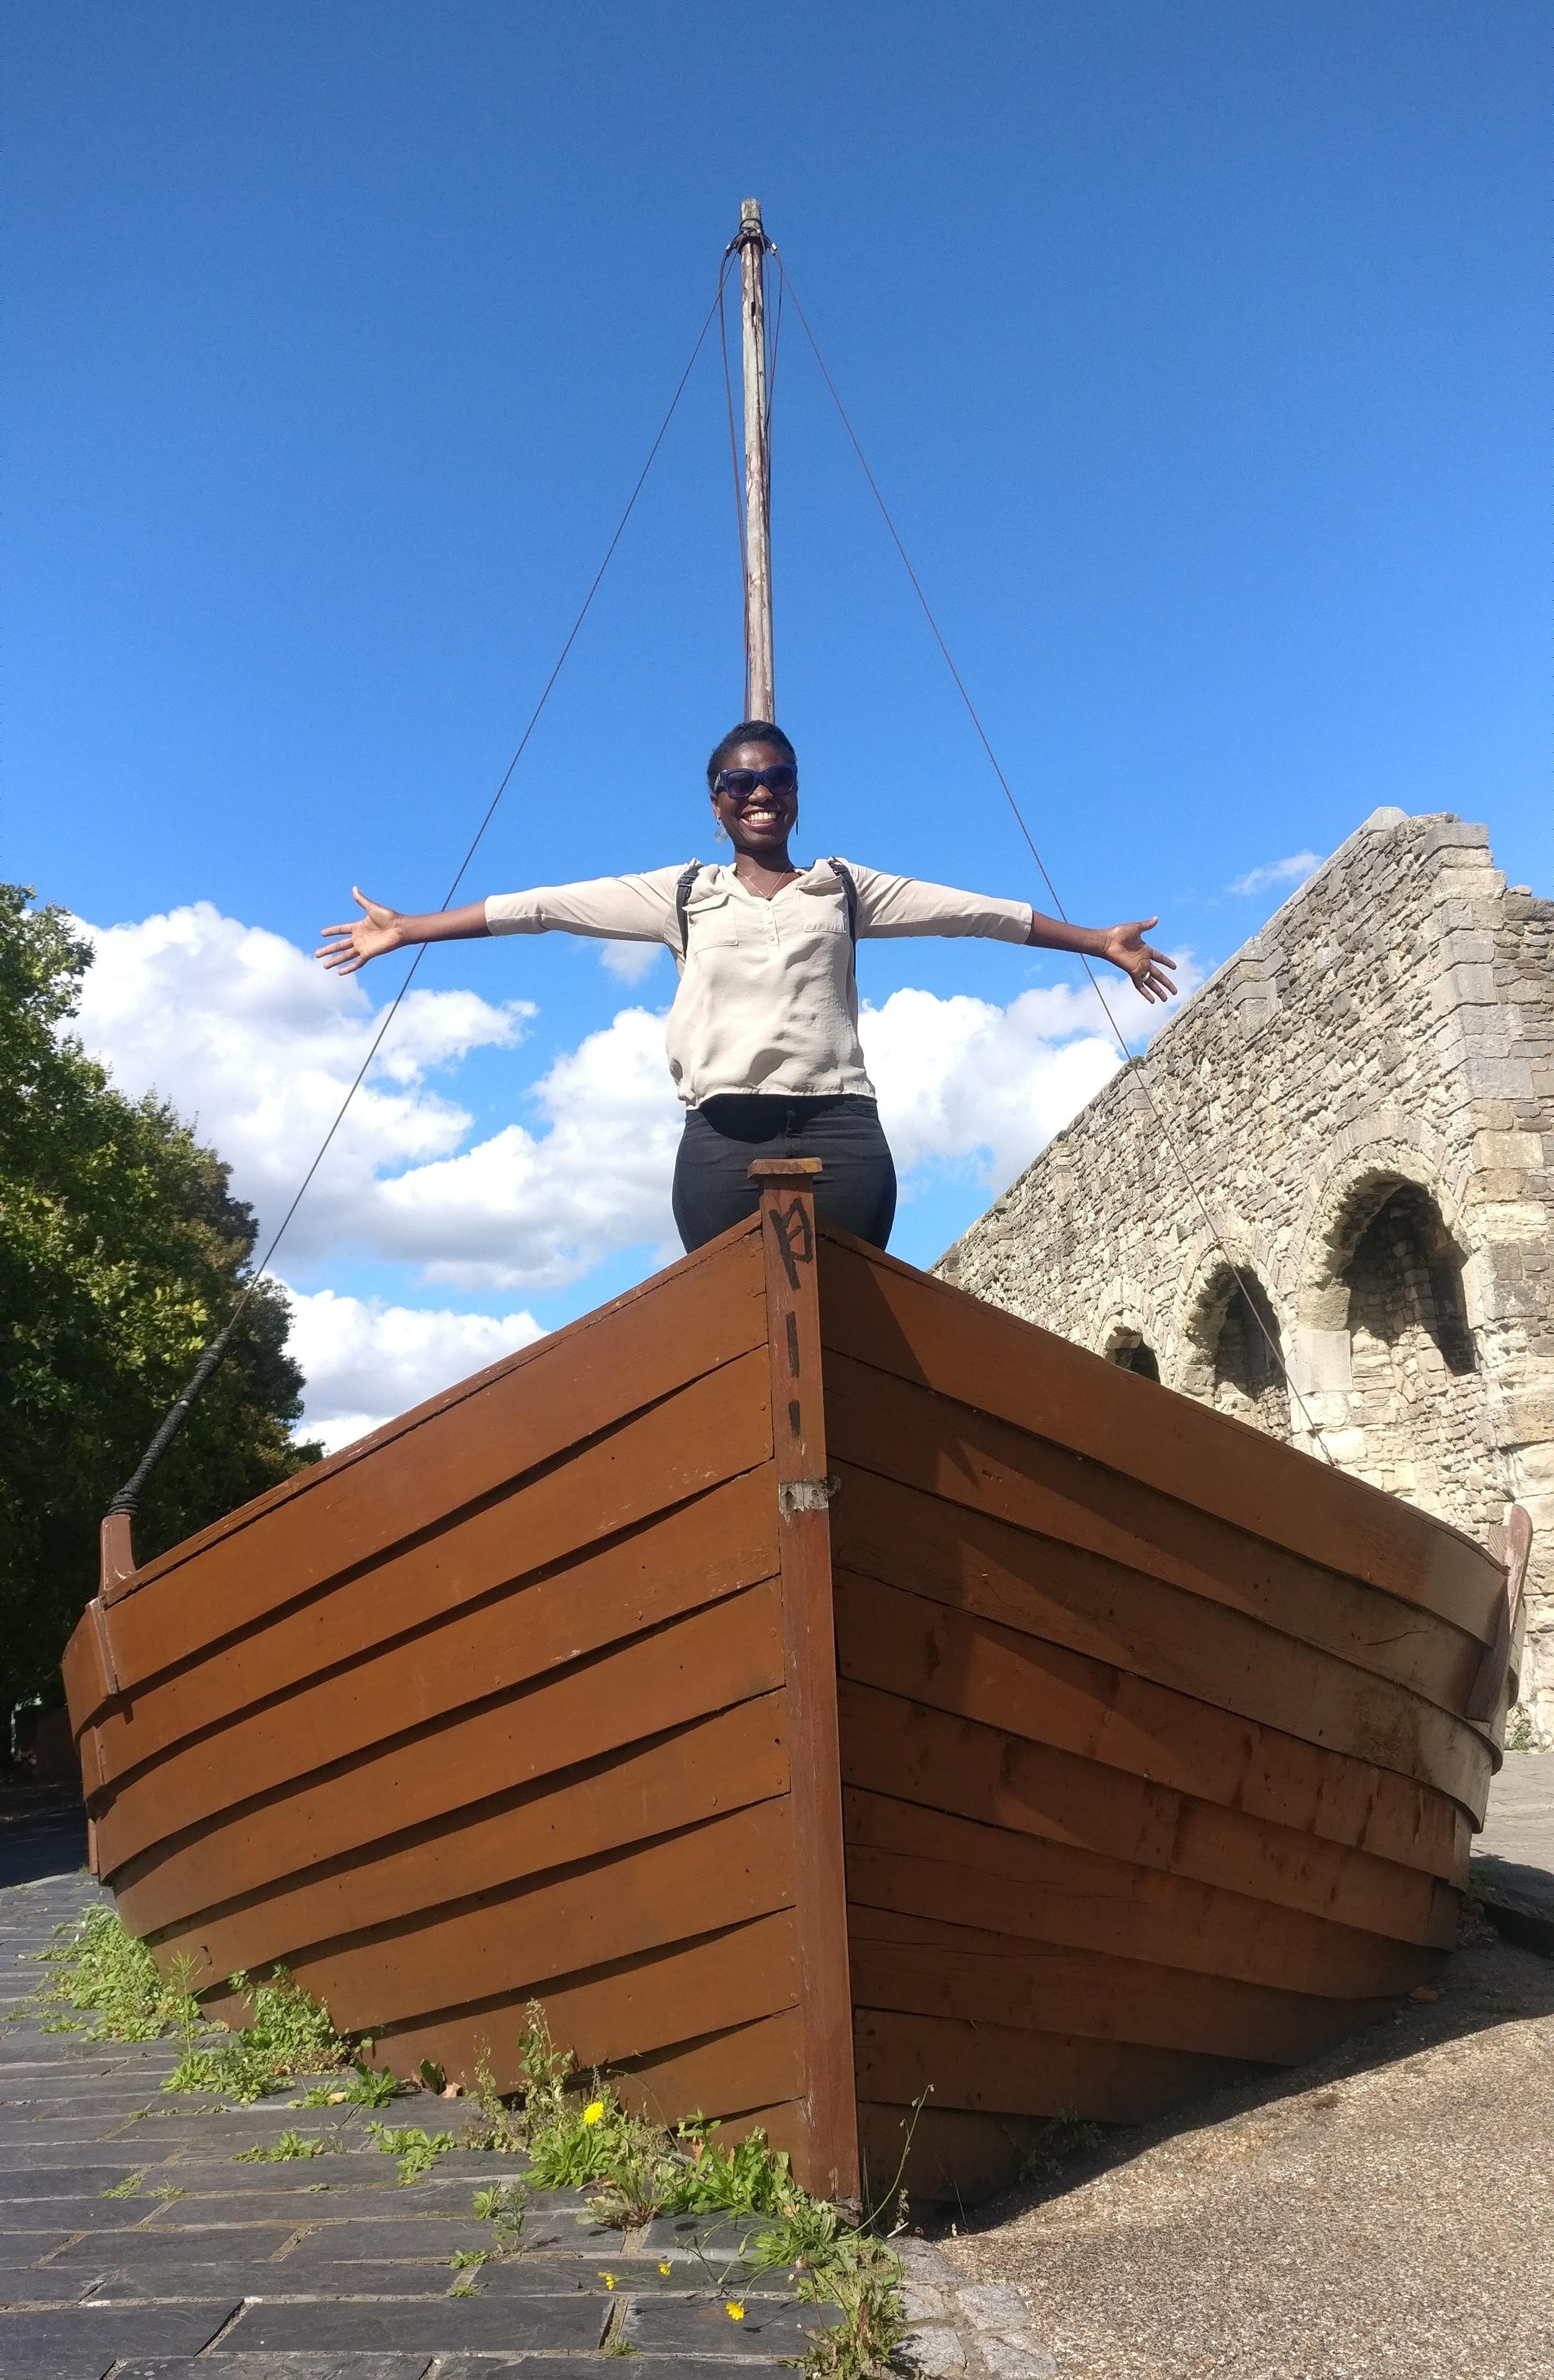 Replaying the Titanic scene in Southampton